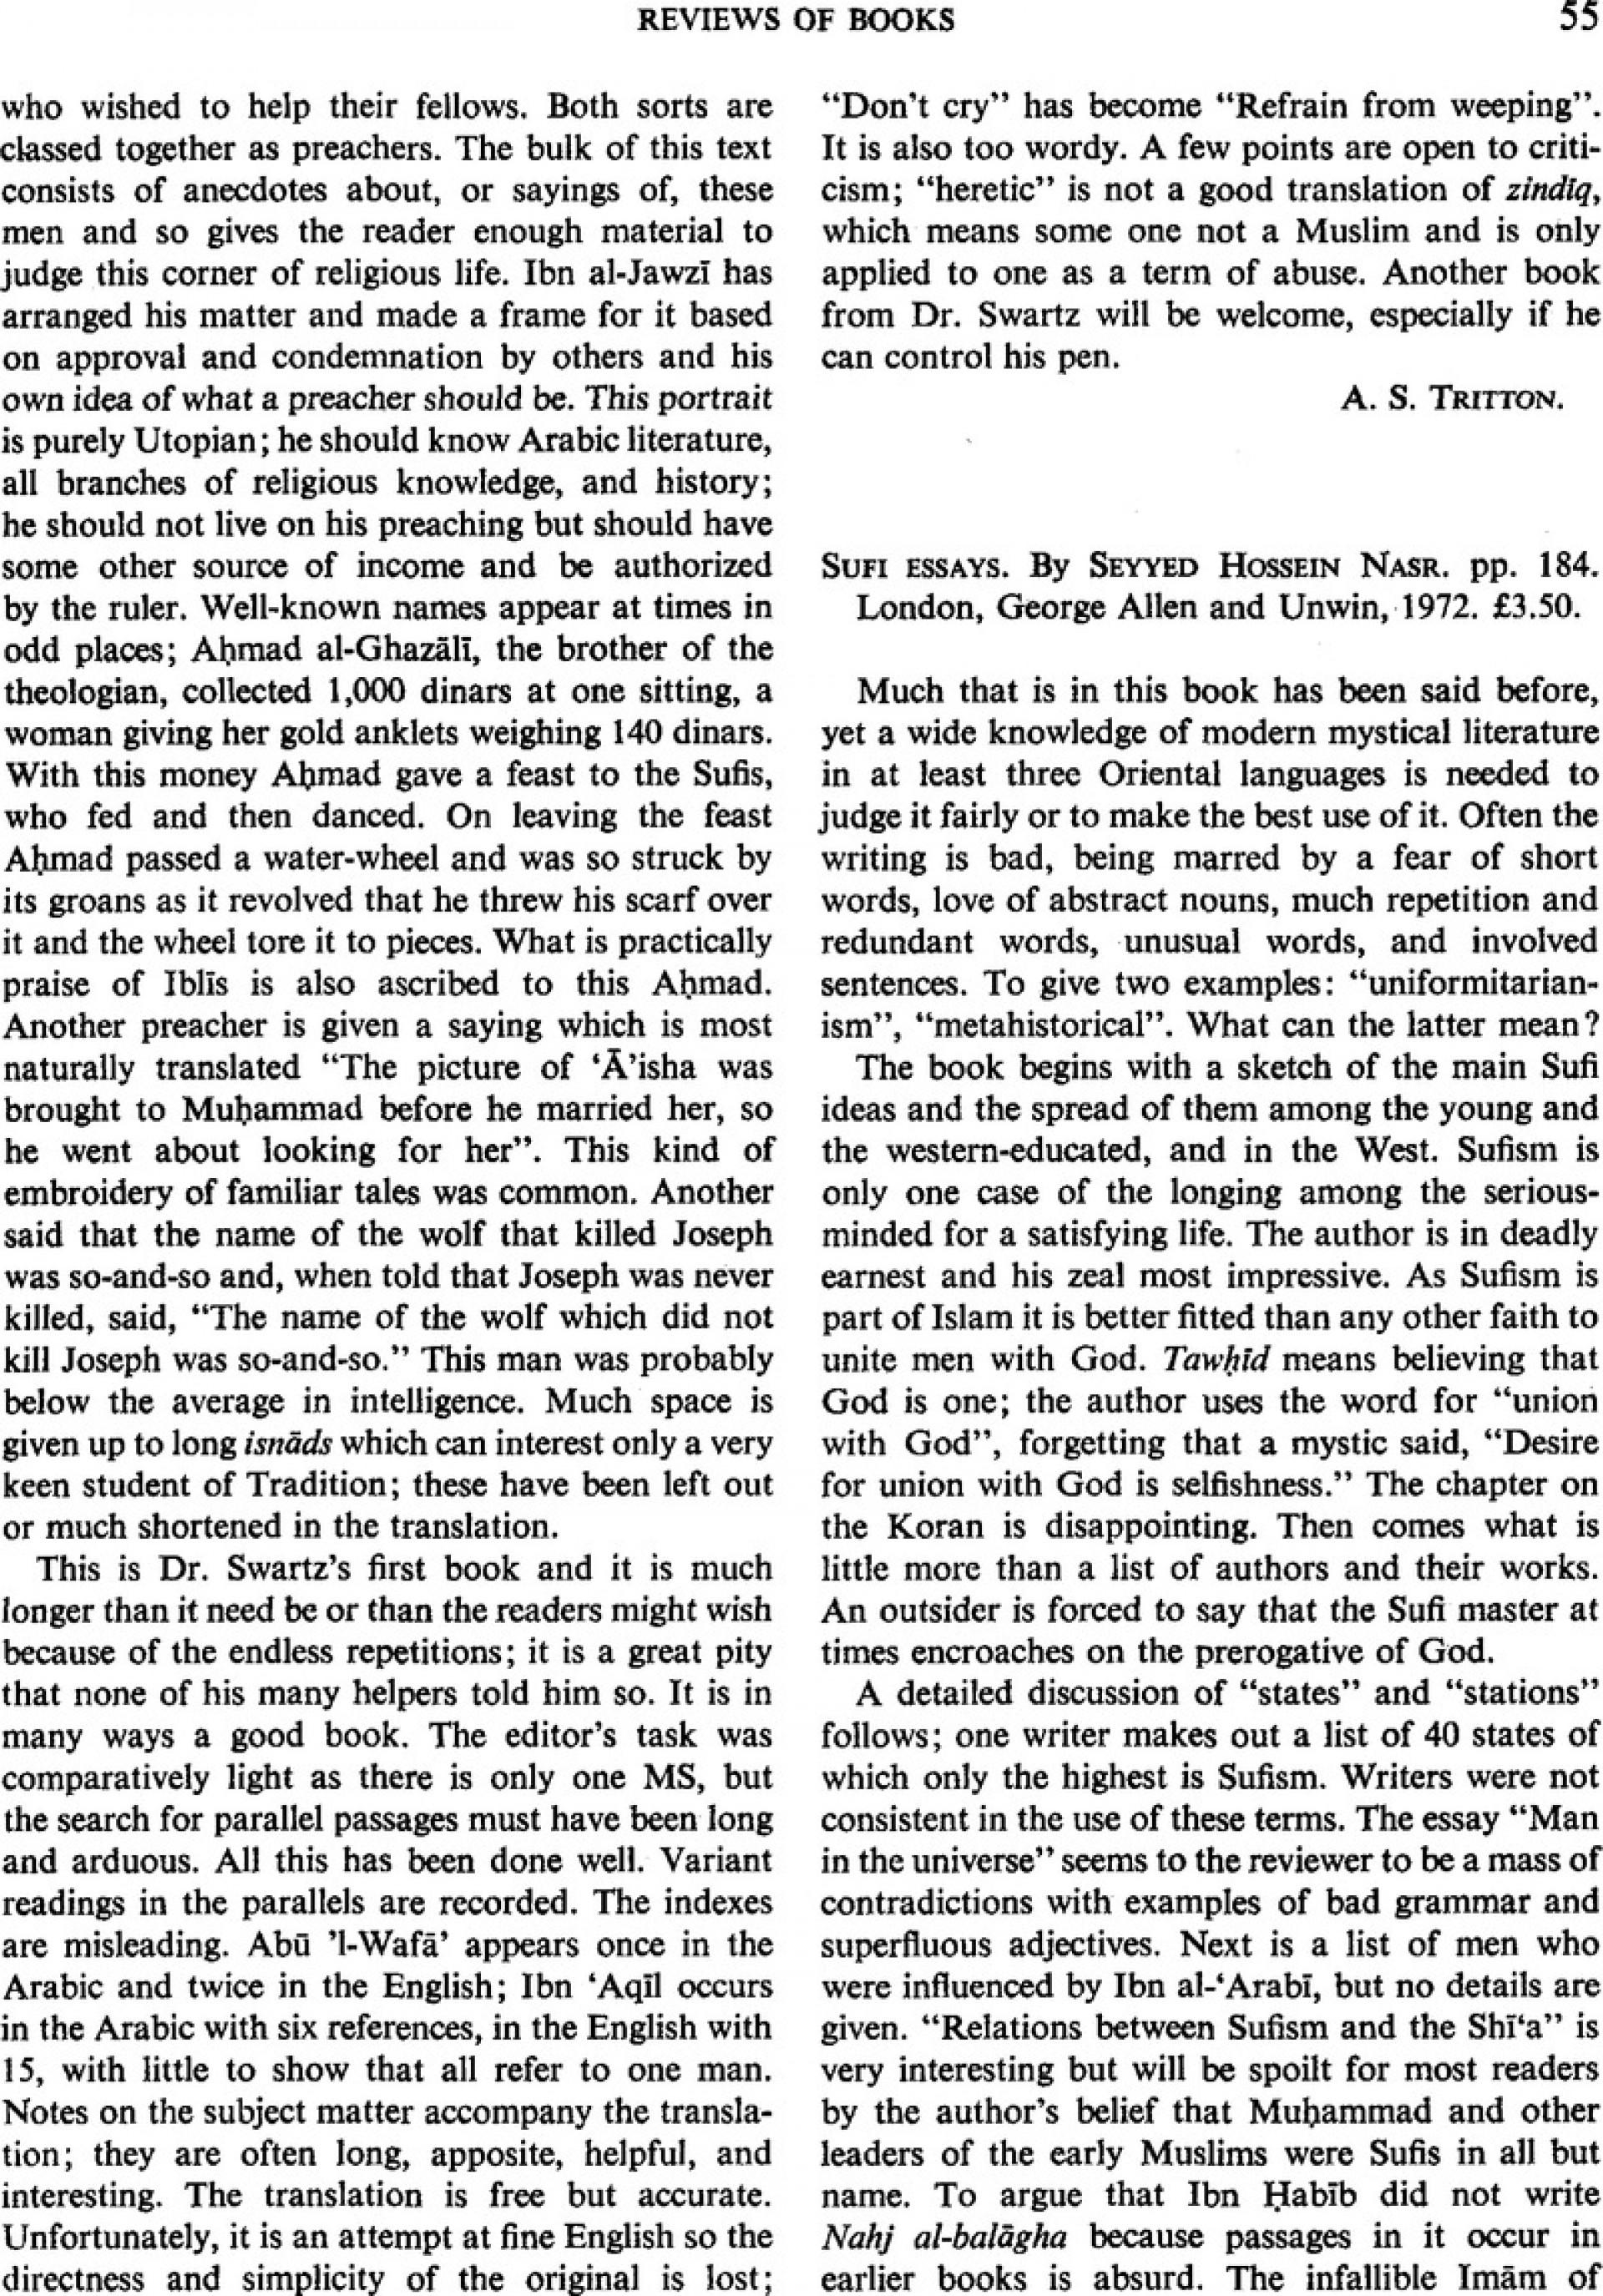 004 Sufi Essays Firstpage S0035869x00131466a Essay Singular Seyyed Hossein Nasr Pdf 1920